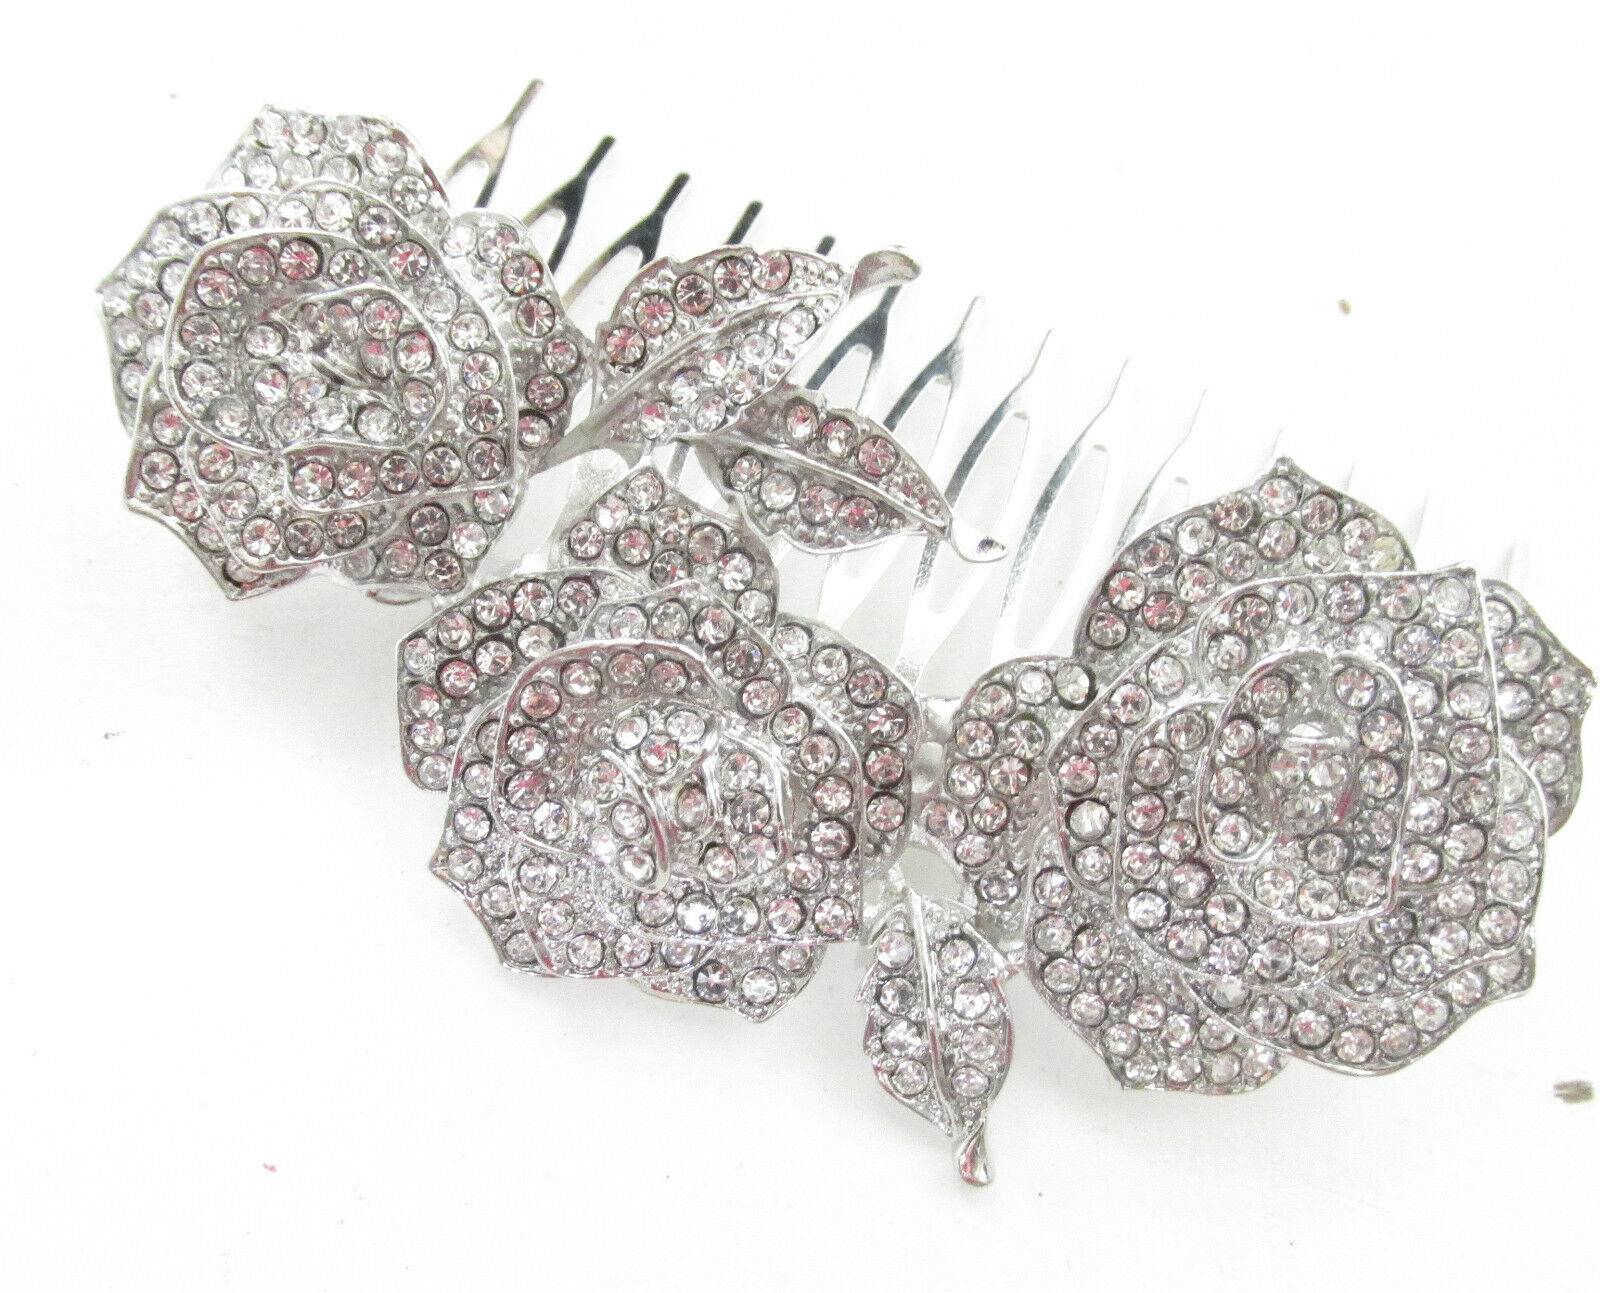 Silber Rosa Blaume Haufen & Blätter Haarkamm Braut Crystal Vintage 1920s j20 | Billig  | Outlet  | Guter Markt